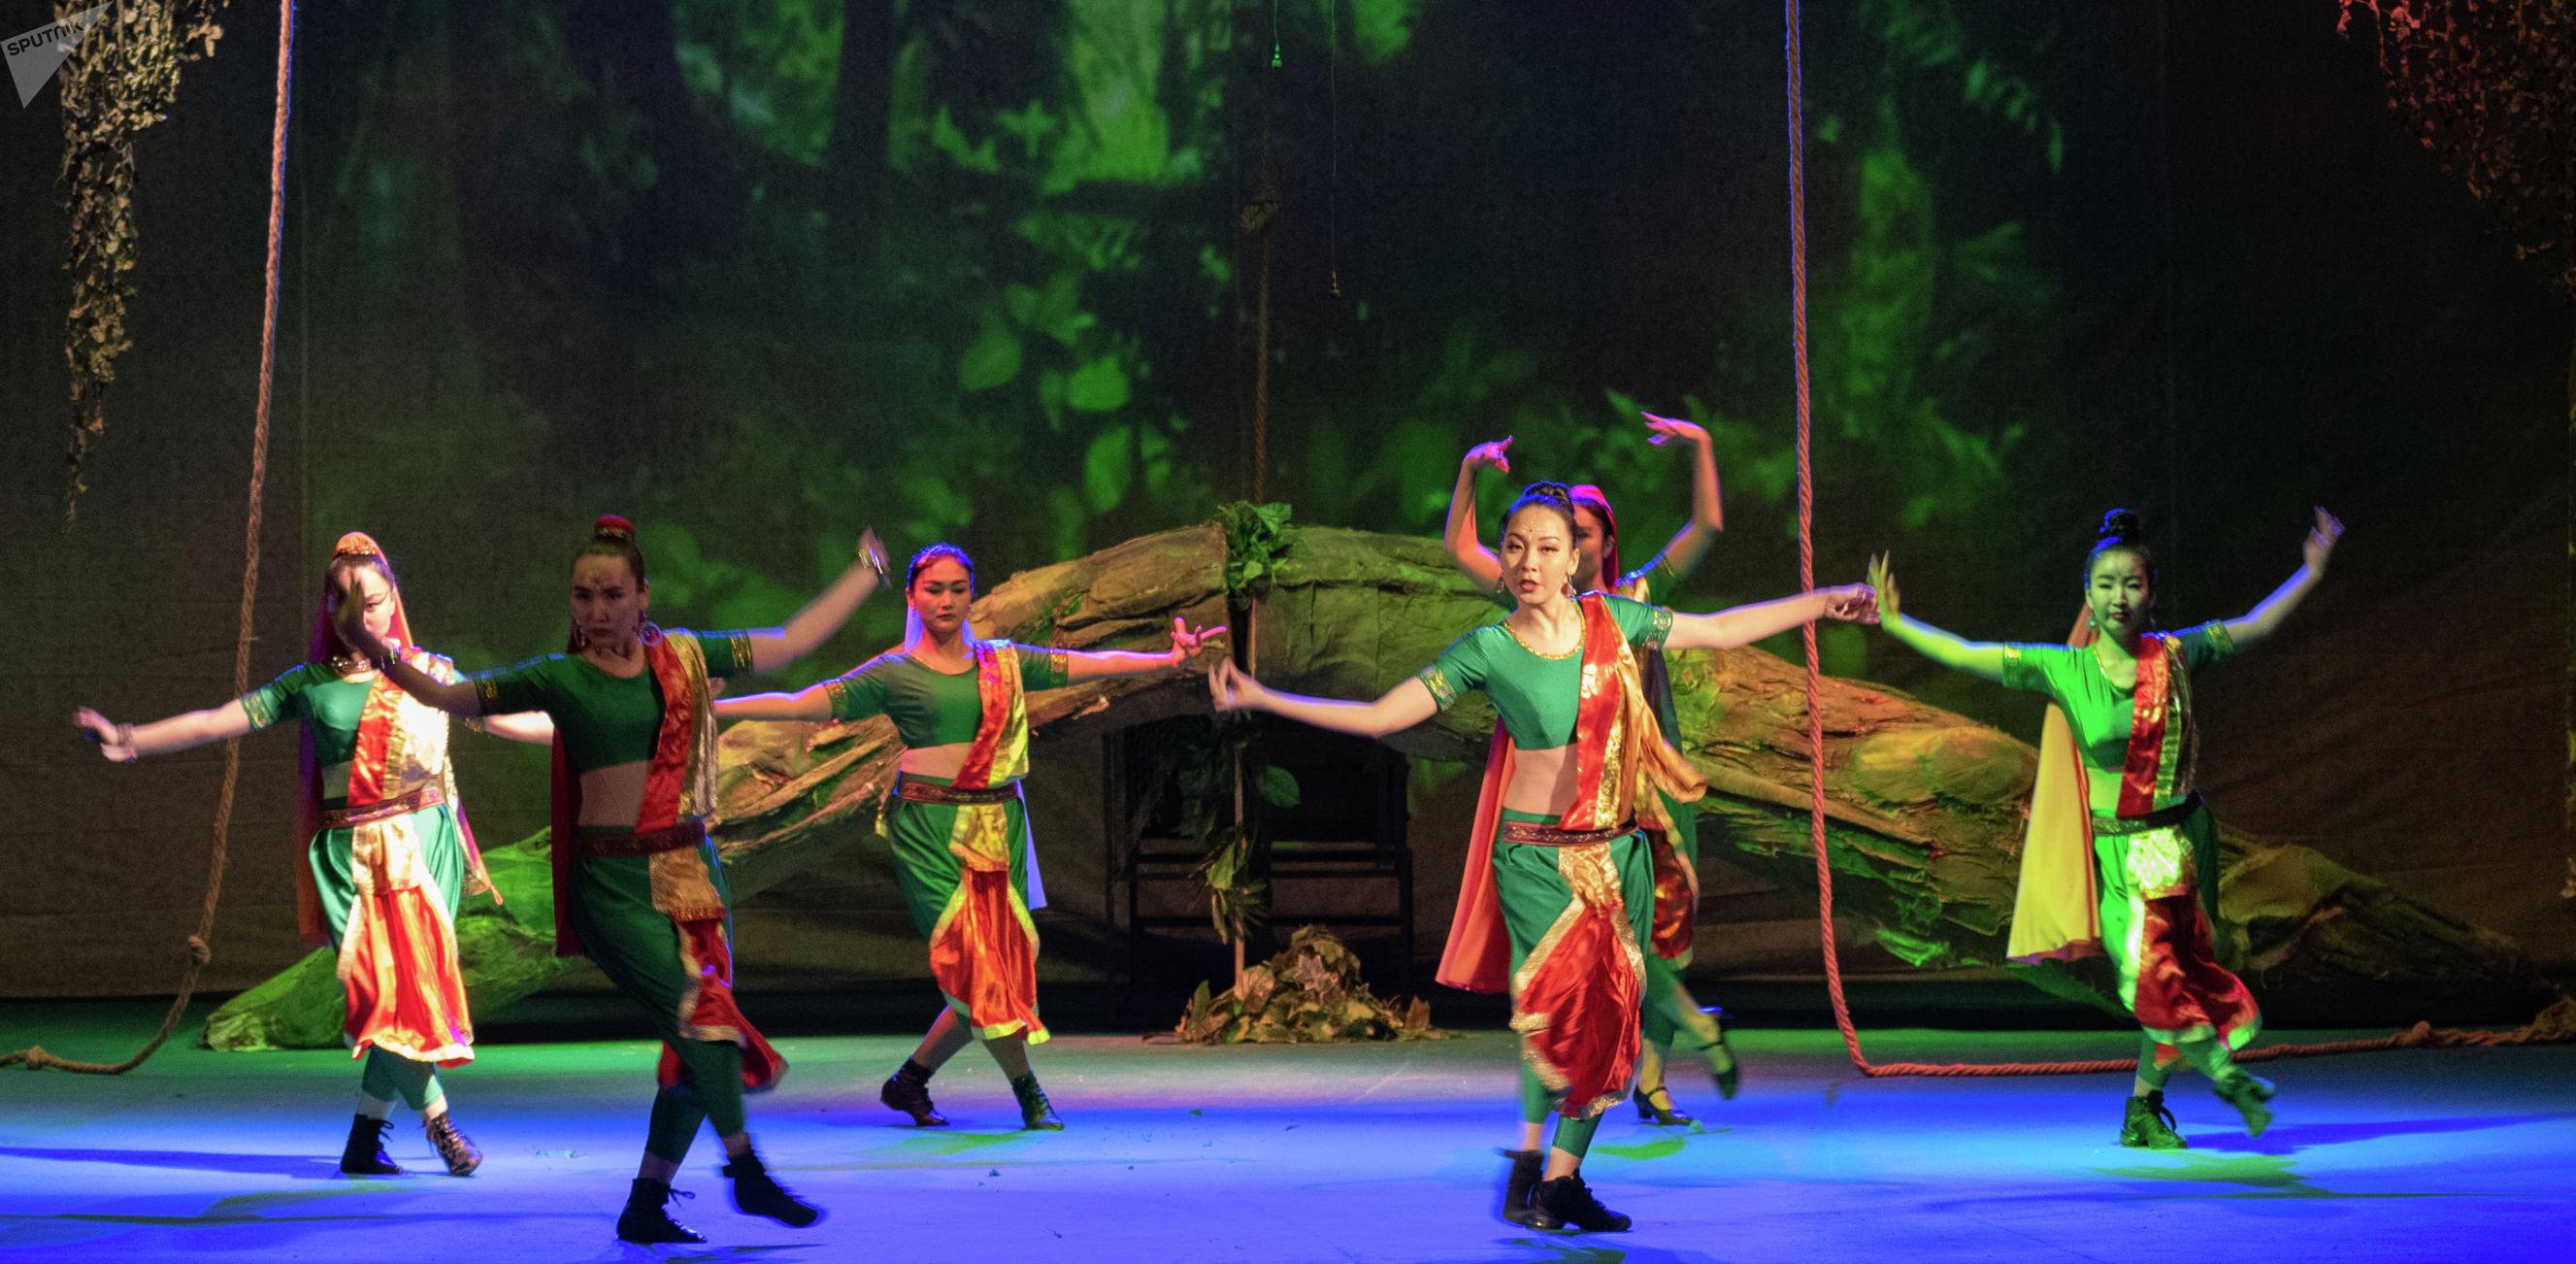 Спектакль Маугли. Казахский государственный академический театр детей и юношества им. Г. Мусрепова